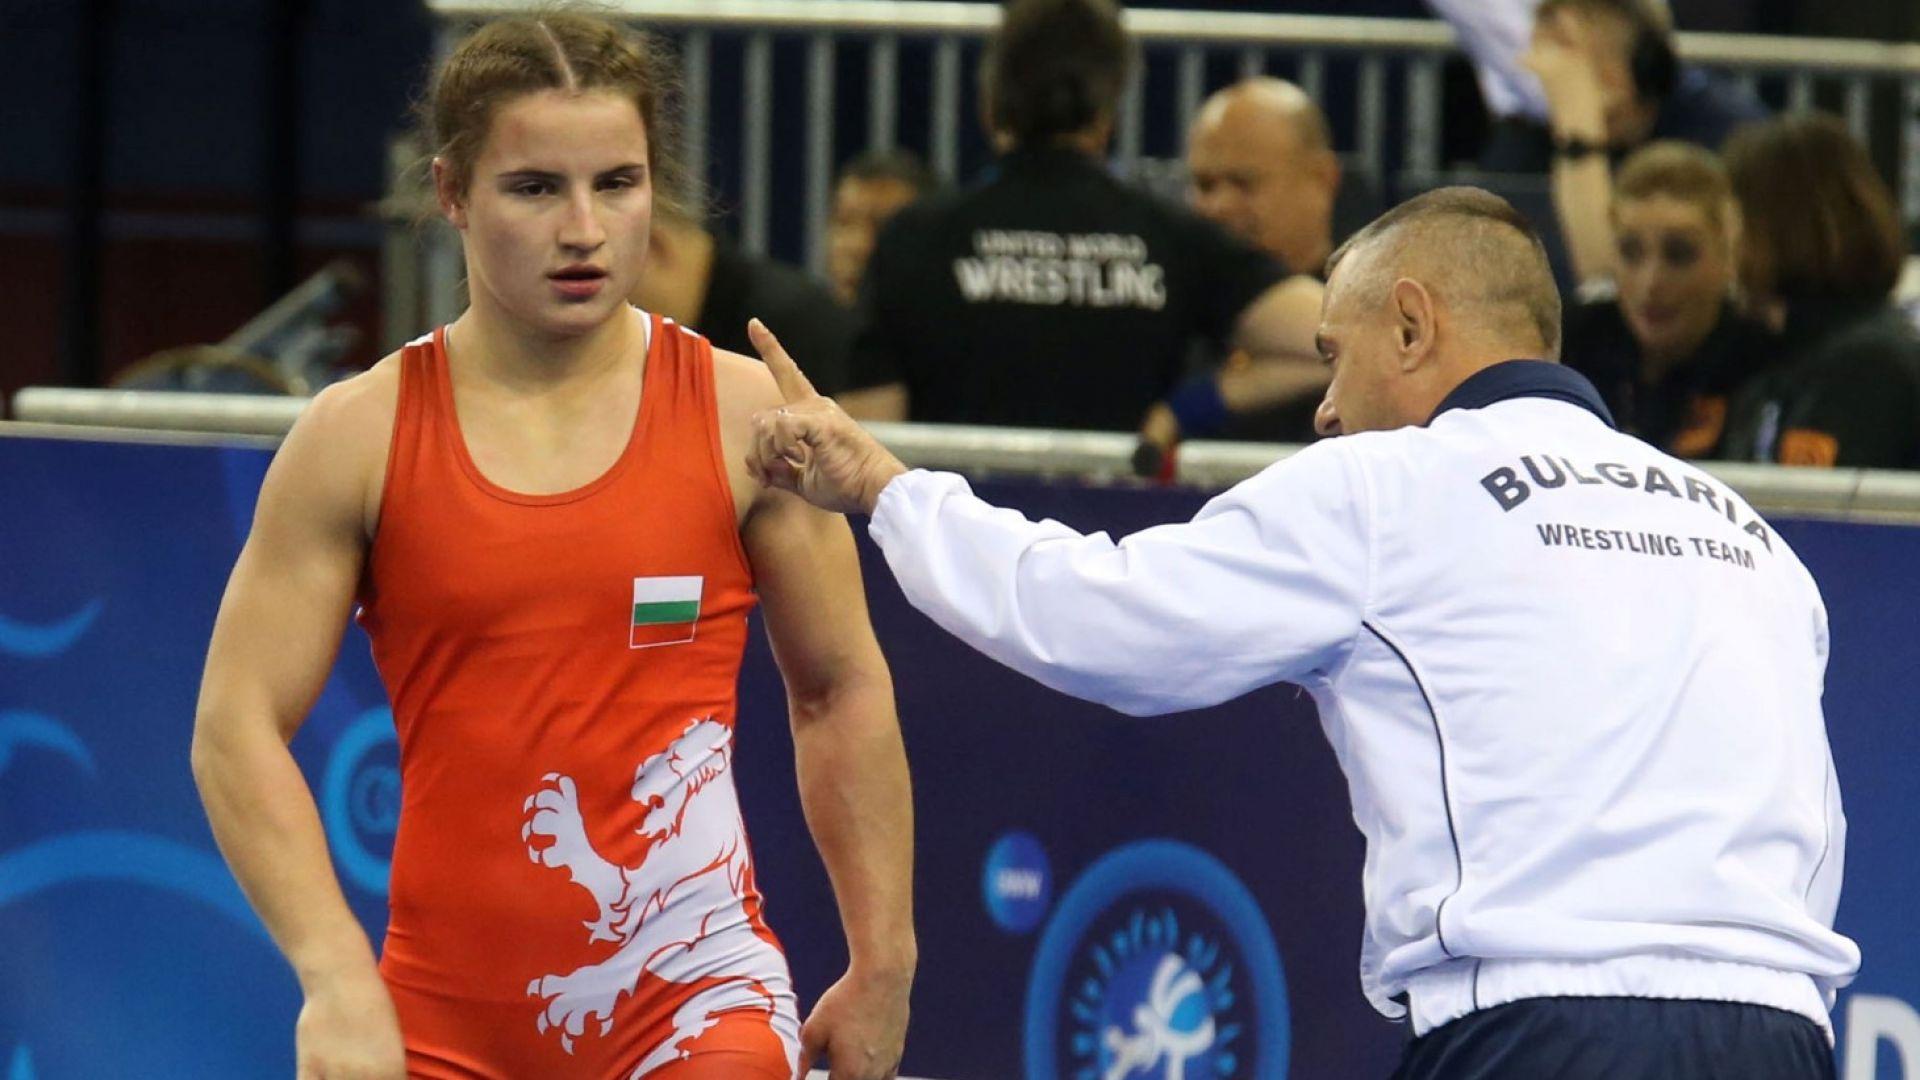 От болницата: Биляна Дудова е имала късмет, федерацията нае психолог